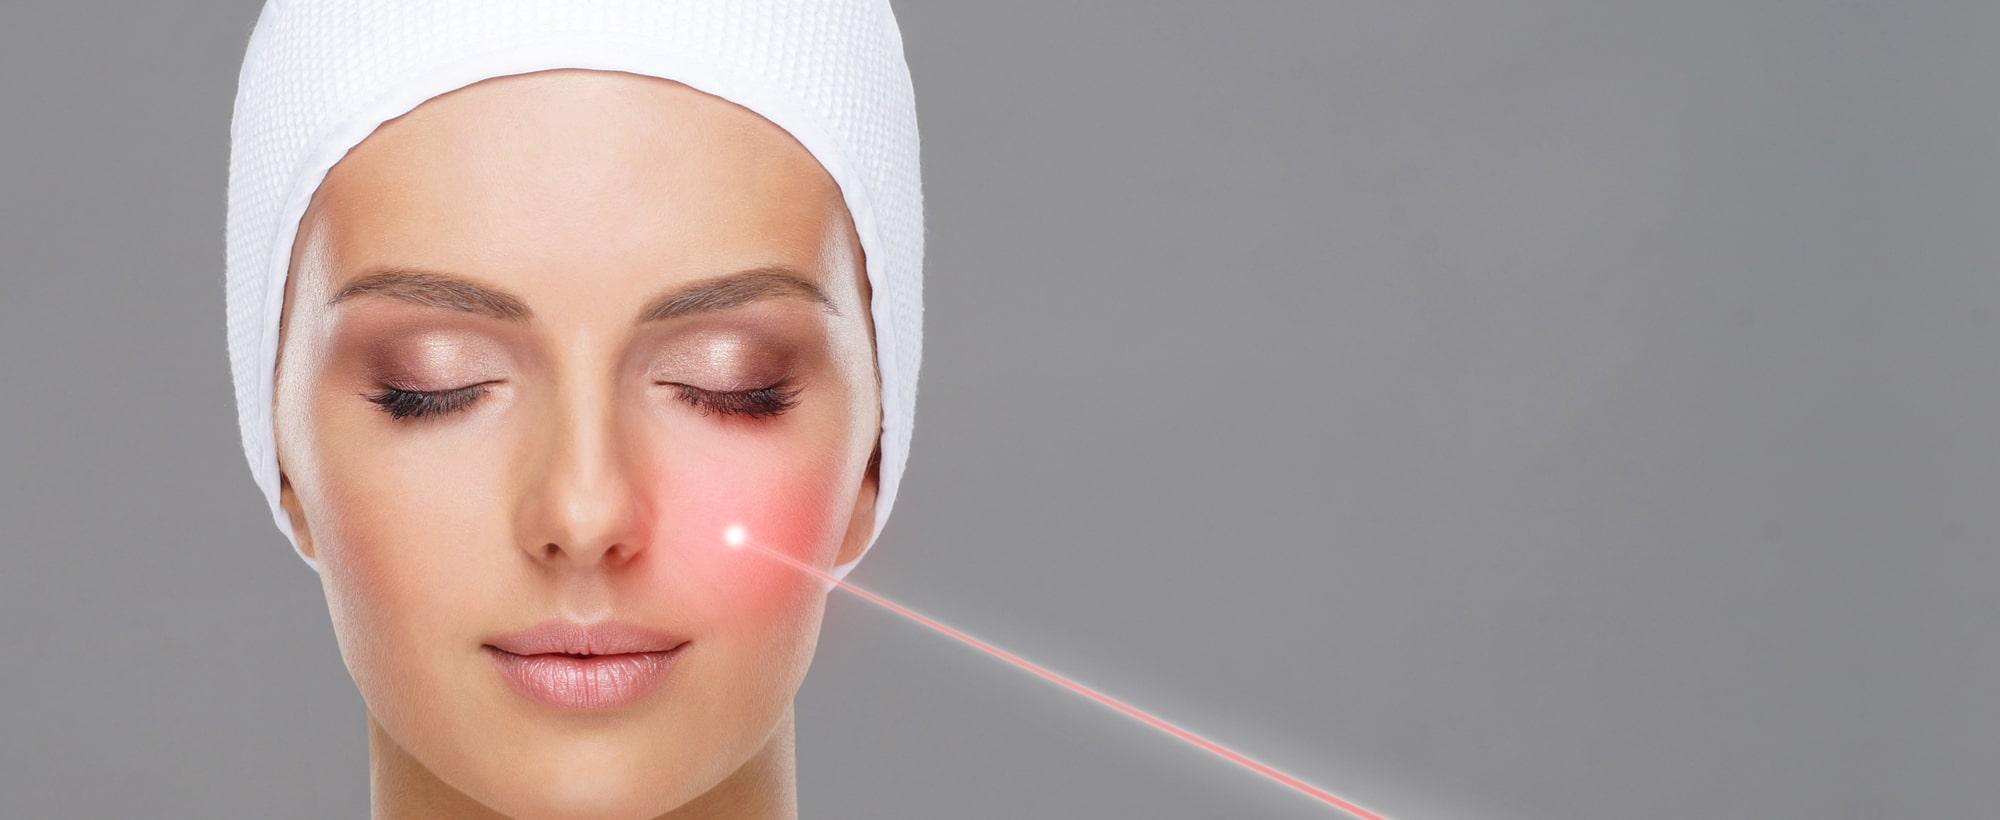 Les traitements lasers à Toulouse